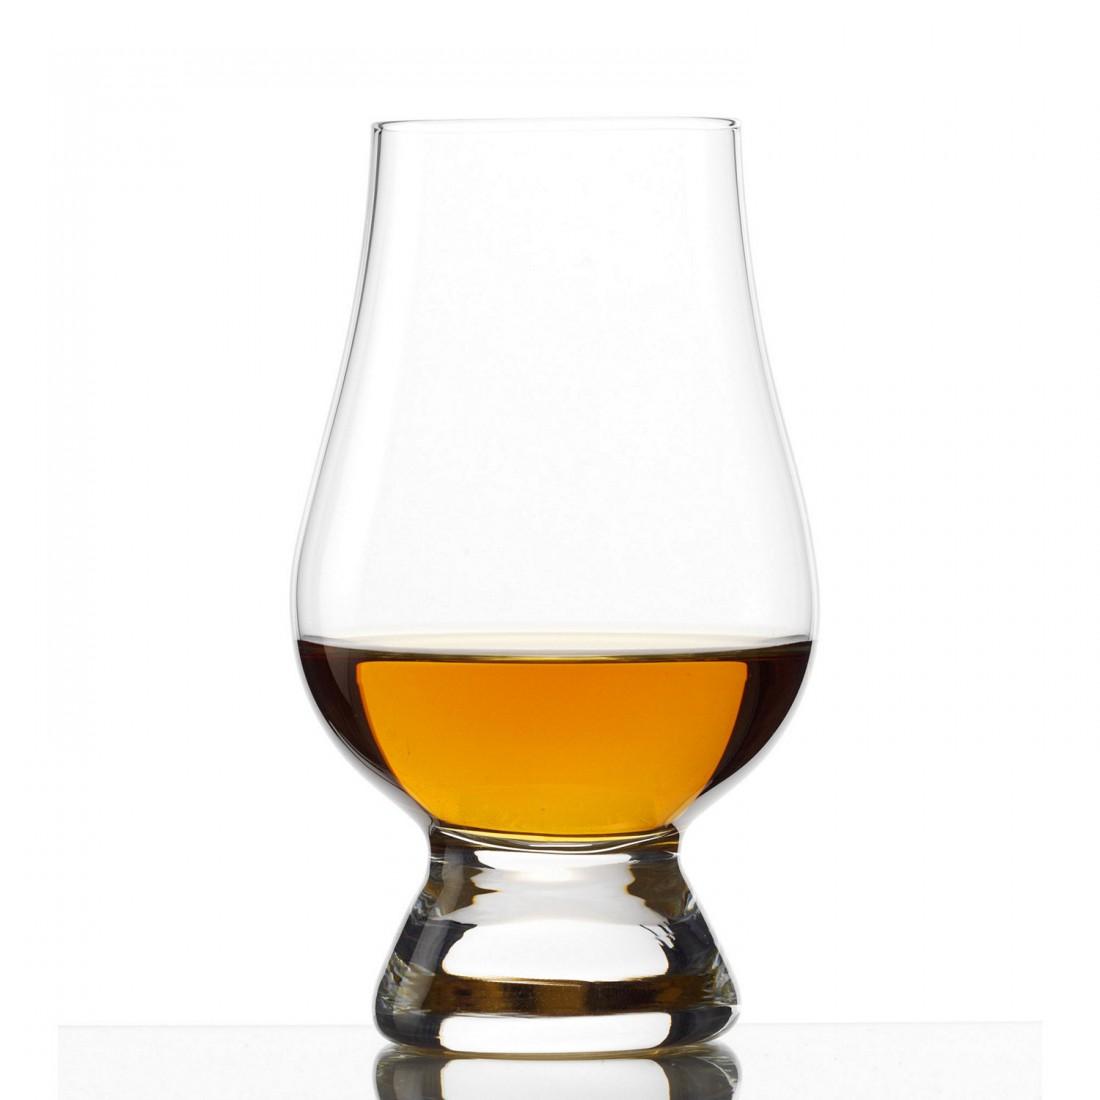 Только бокал, зауженный к верху, в полной мере помогает насладиться ароматом виски